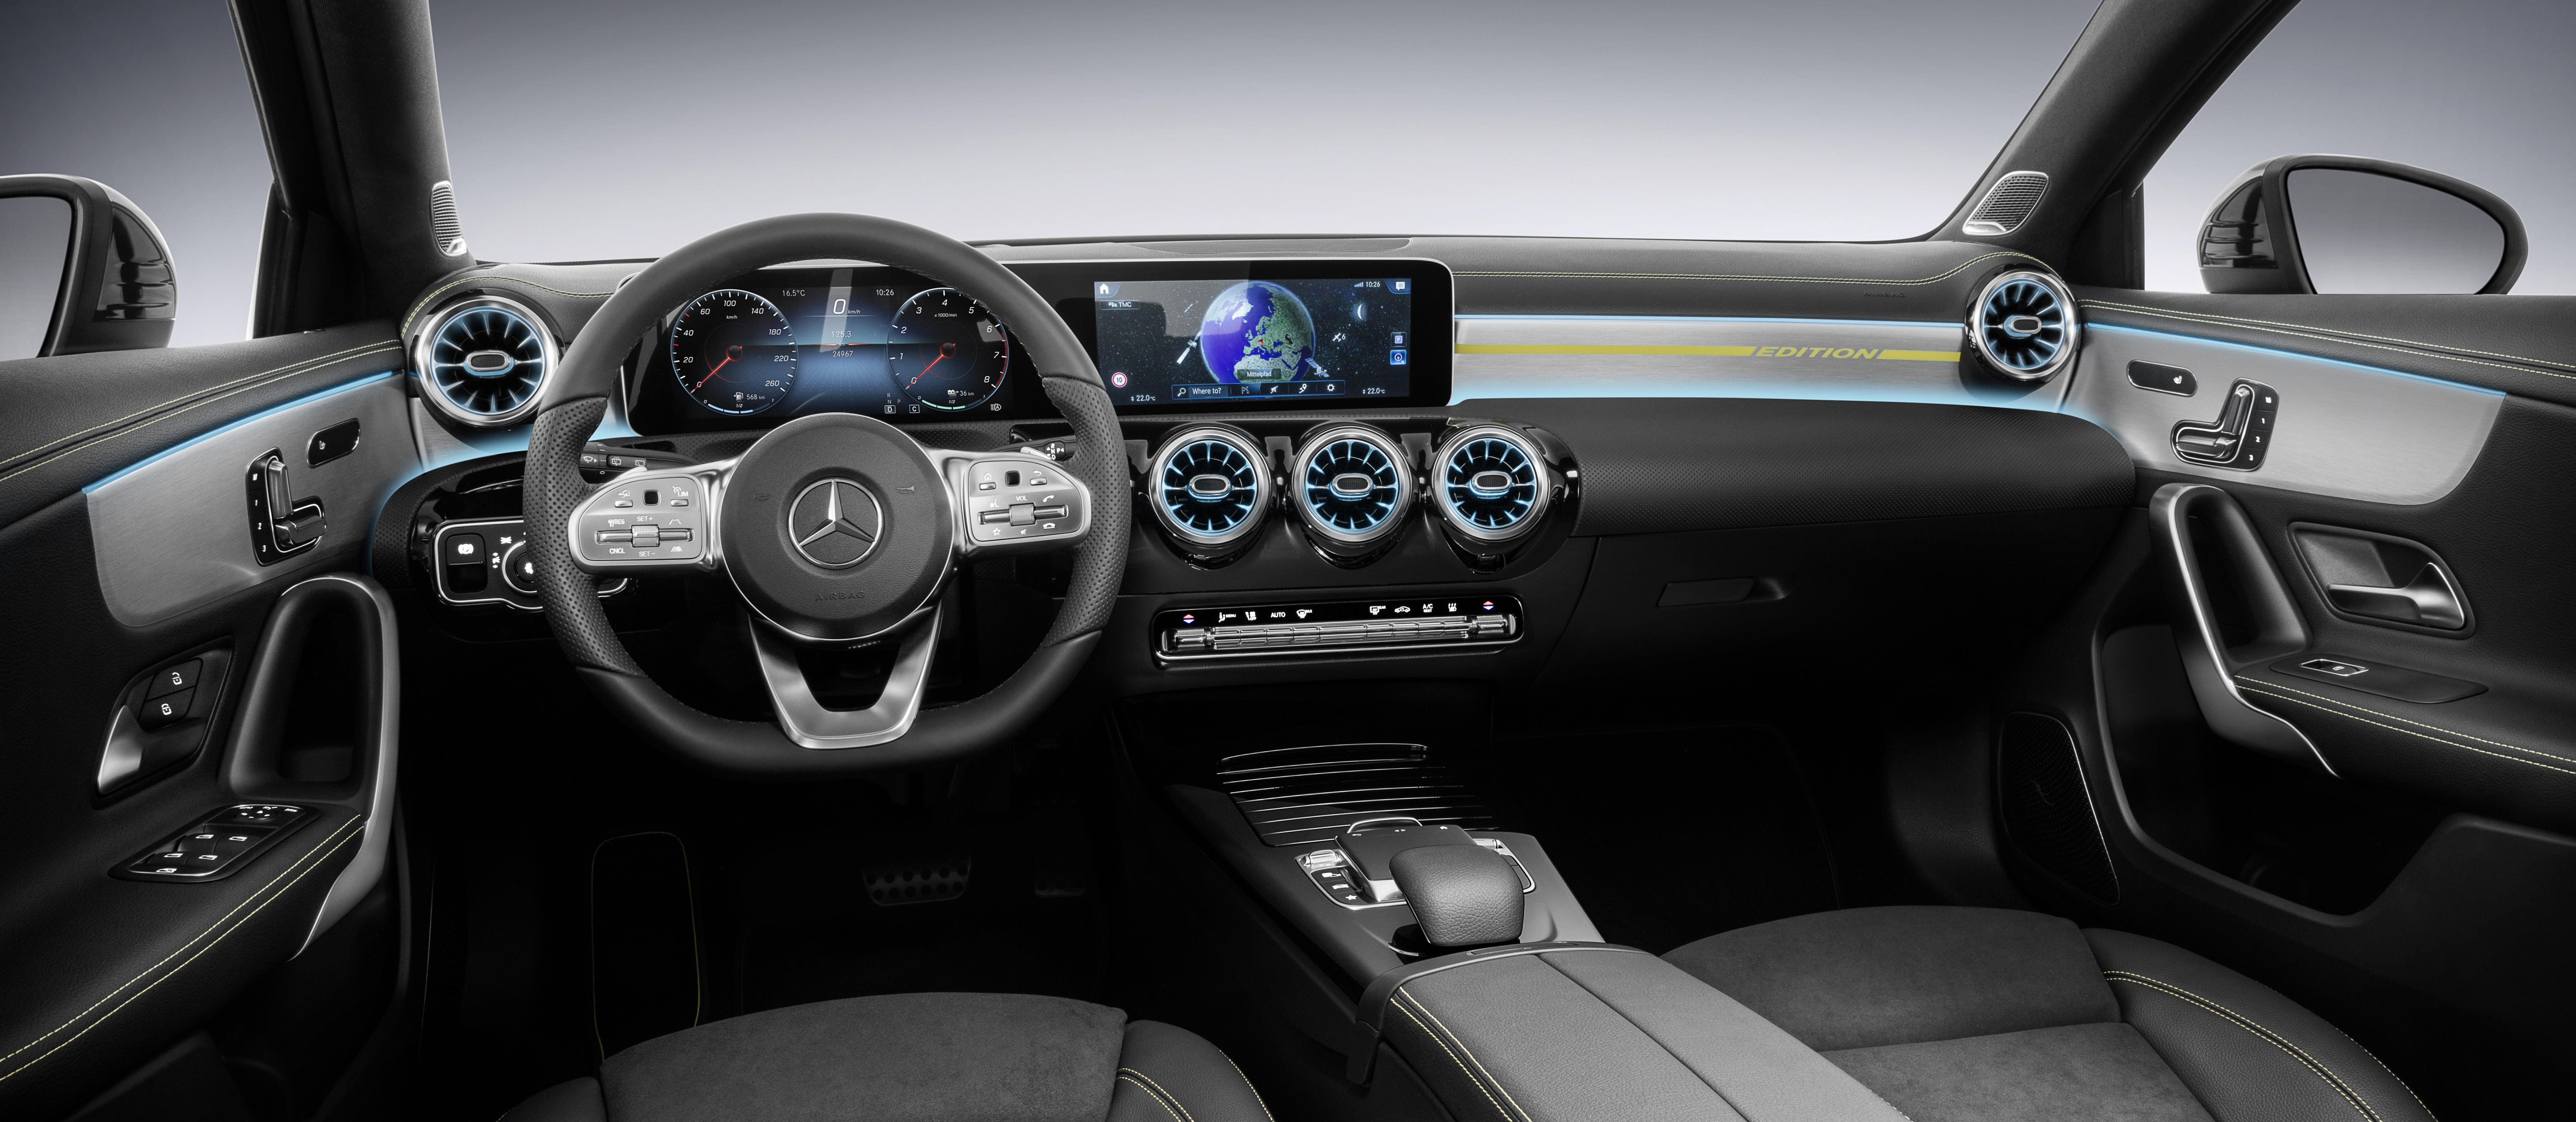 Mercedes Clase A Y Su Nuevo Interior Revista De Coches